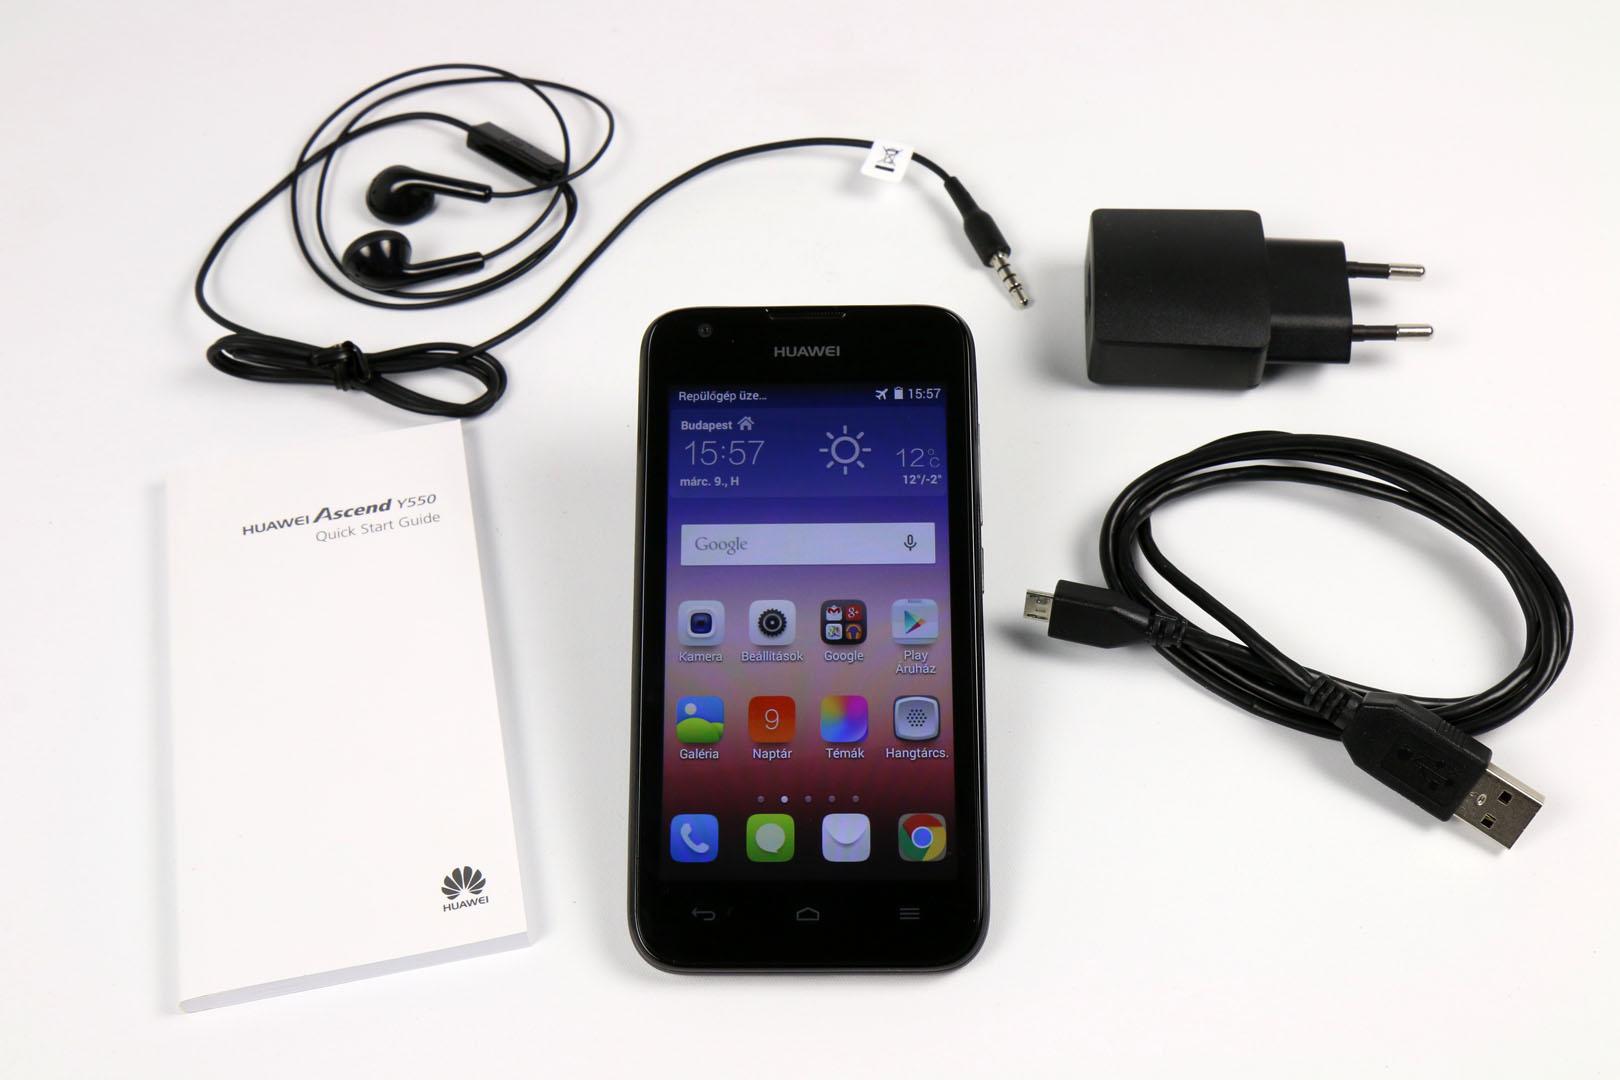 Készülékbeállítás - Huawei Ascend Y550